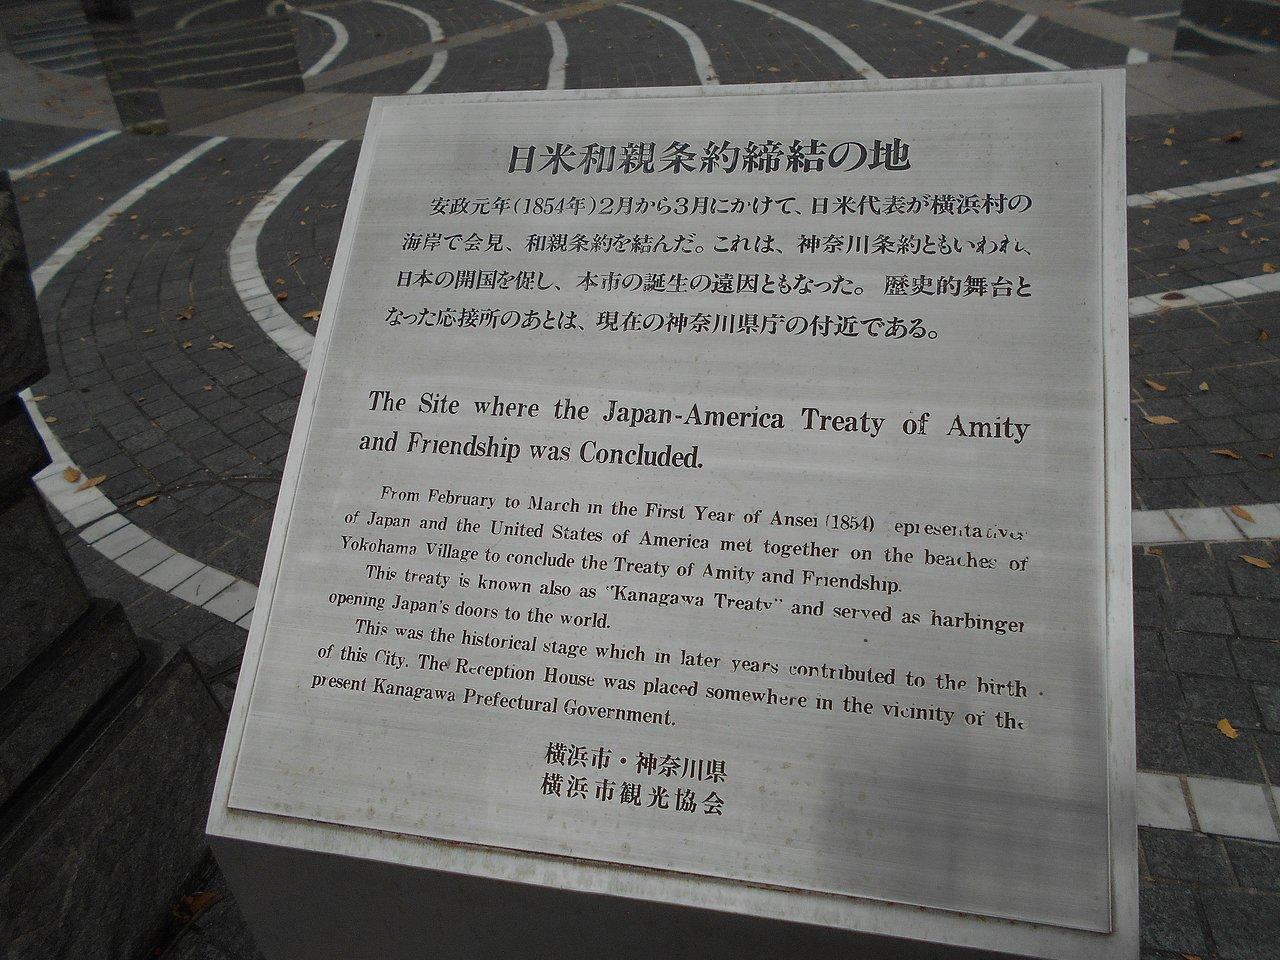 年 条約 1854